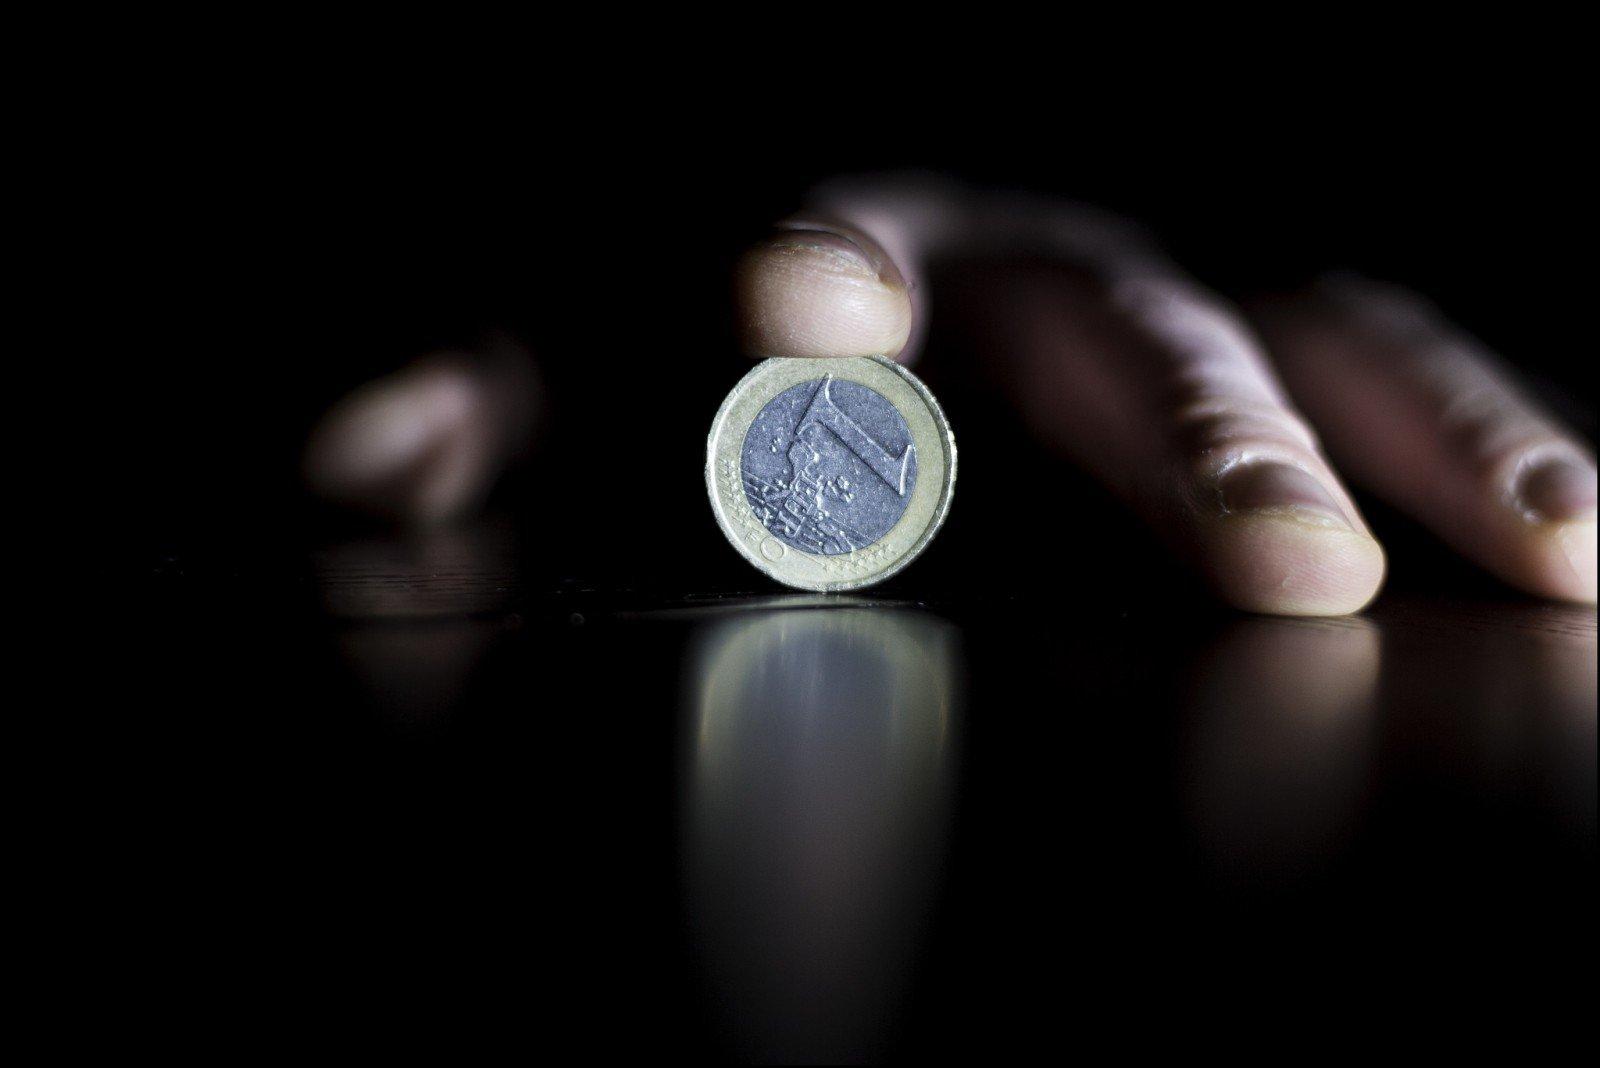 Заколдованная монета